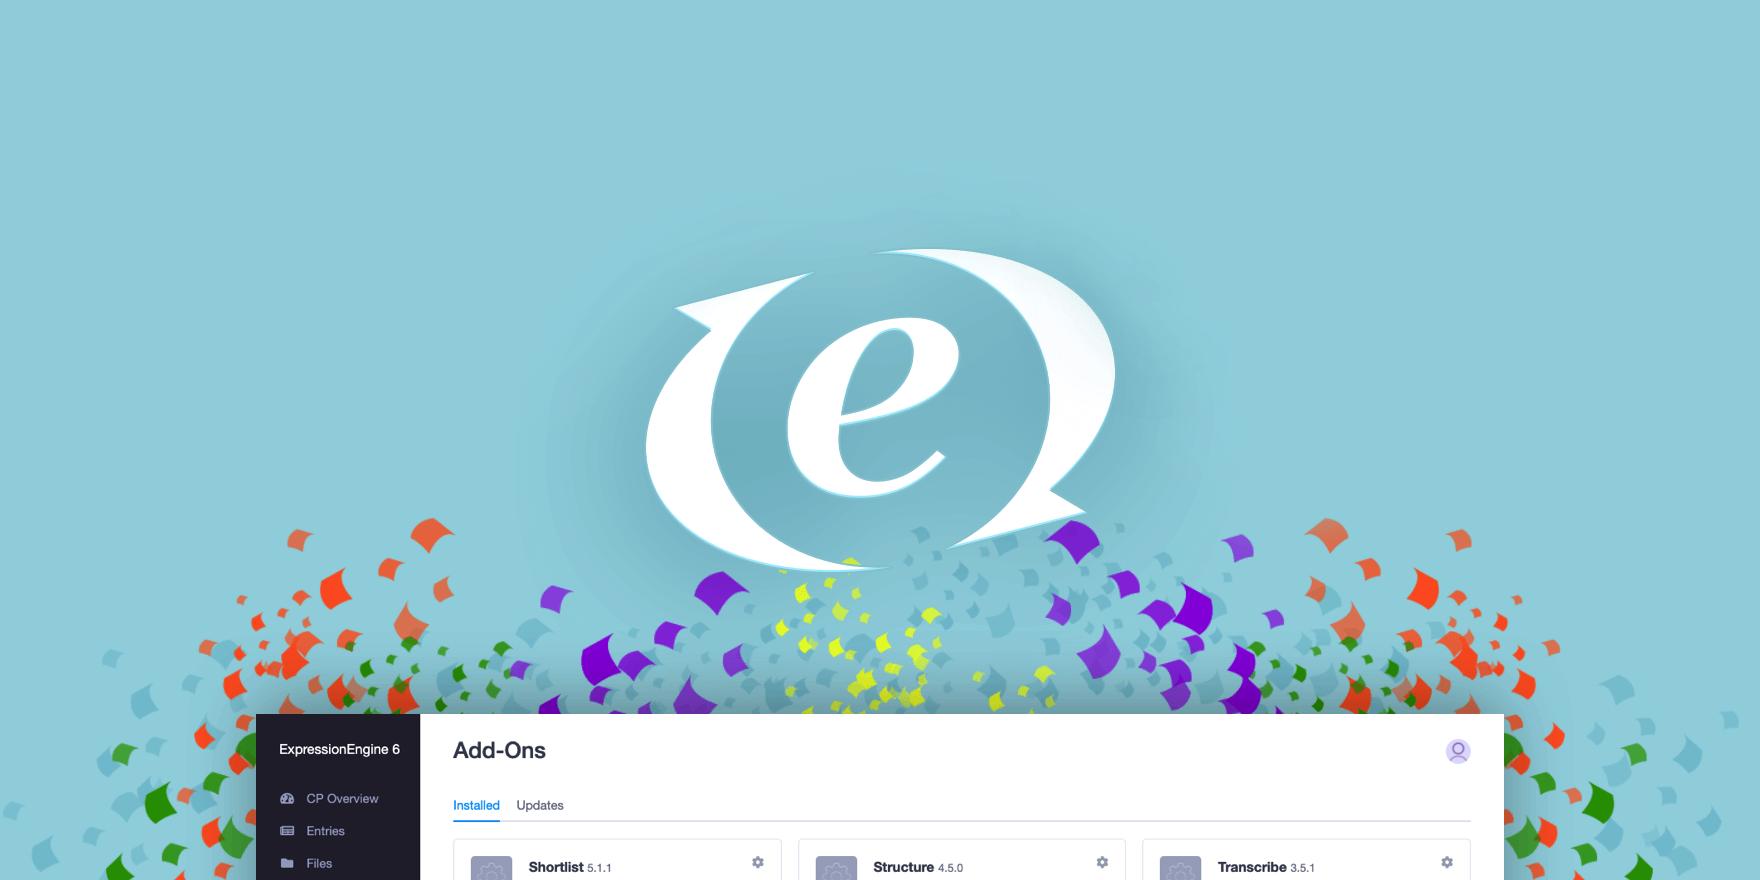 ee6-updates2